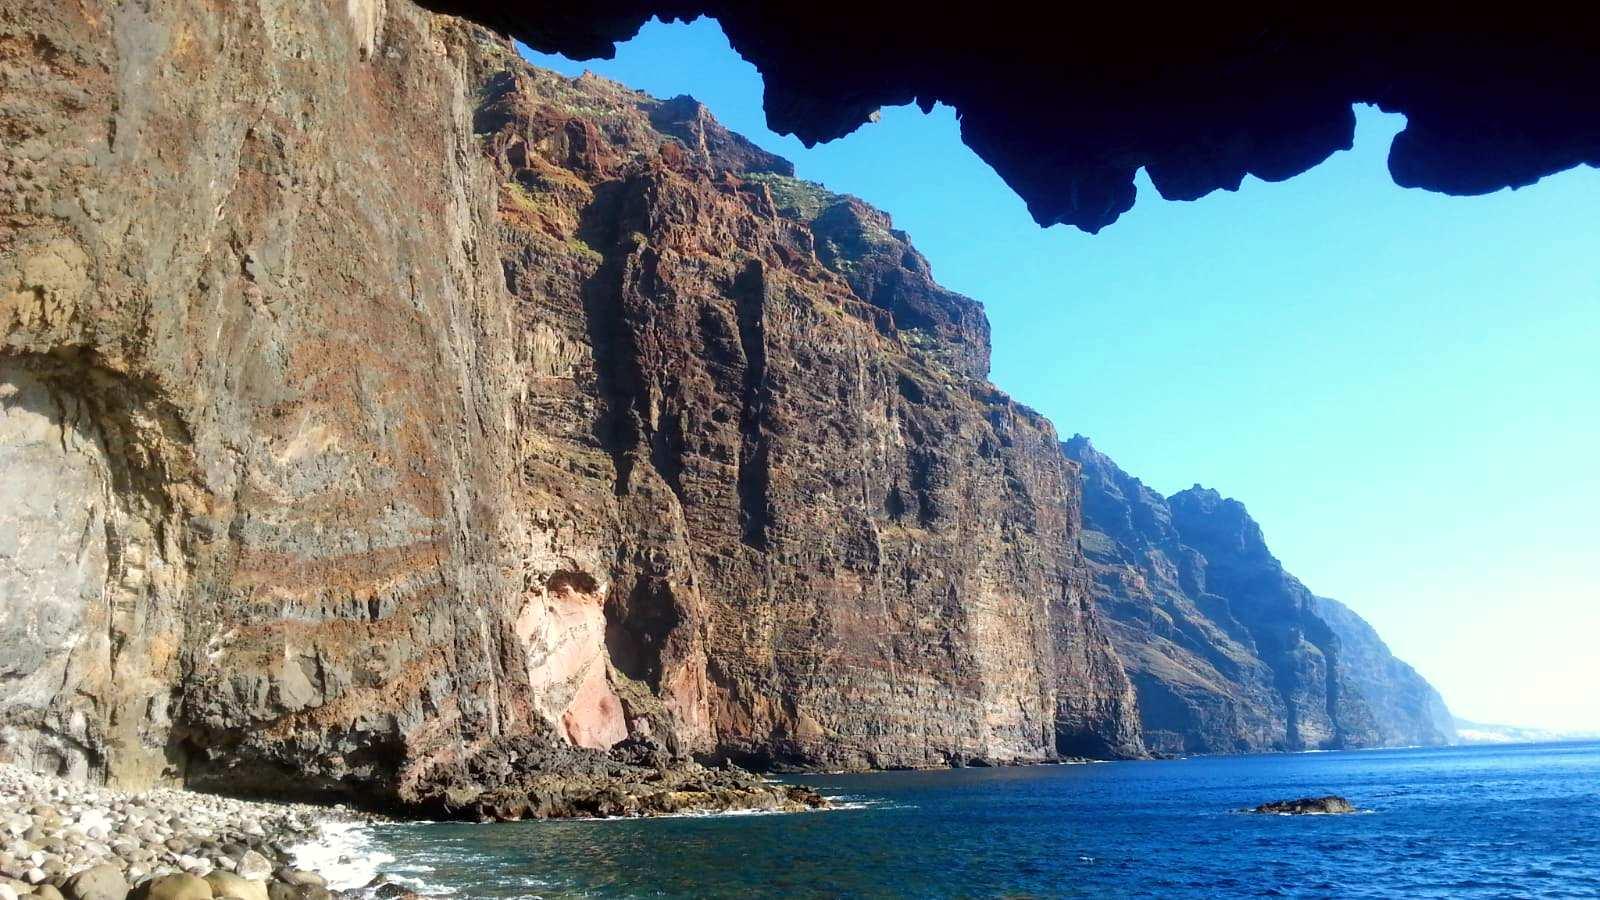 Vista desde el barco de los acantilados de Los Gigantes